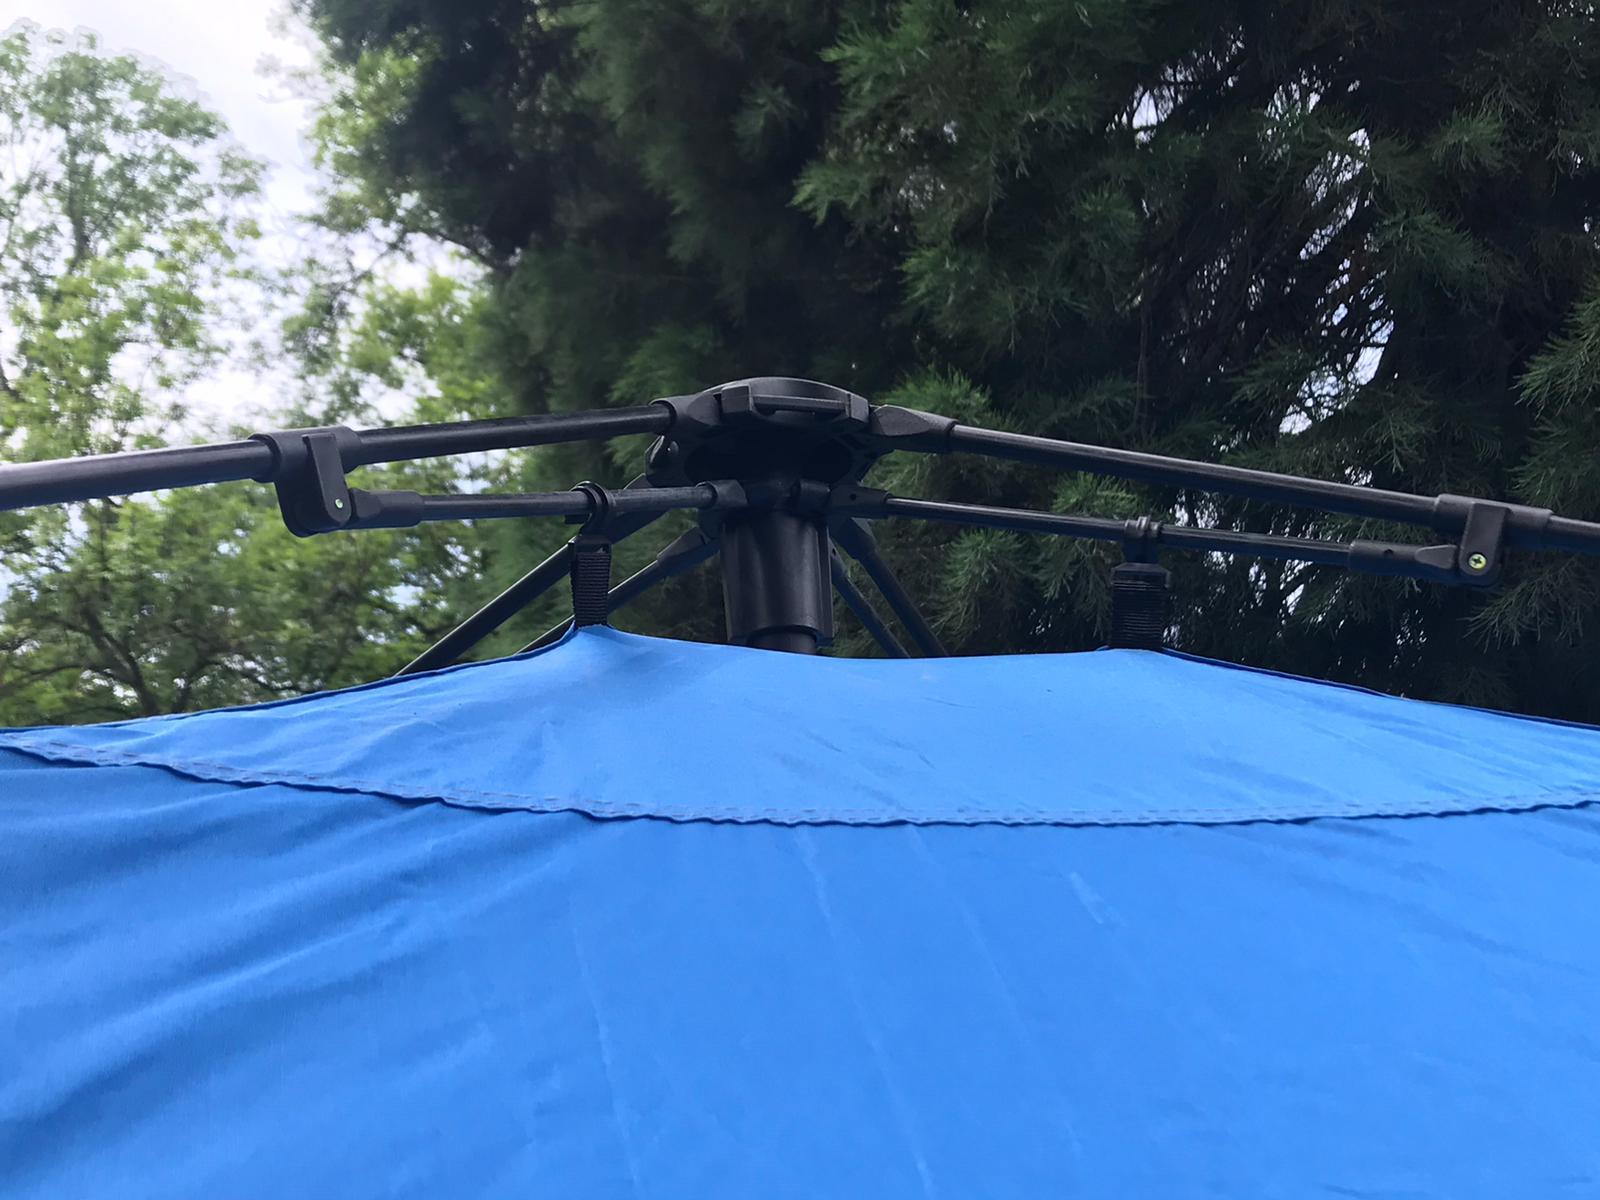 Campingzelt Outdoor Faltbar Pavillon Gartenzelt + 1 Seitenteile Tasche&Herrringe BLAU